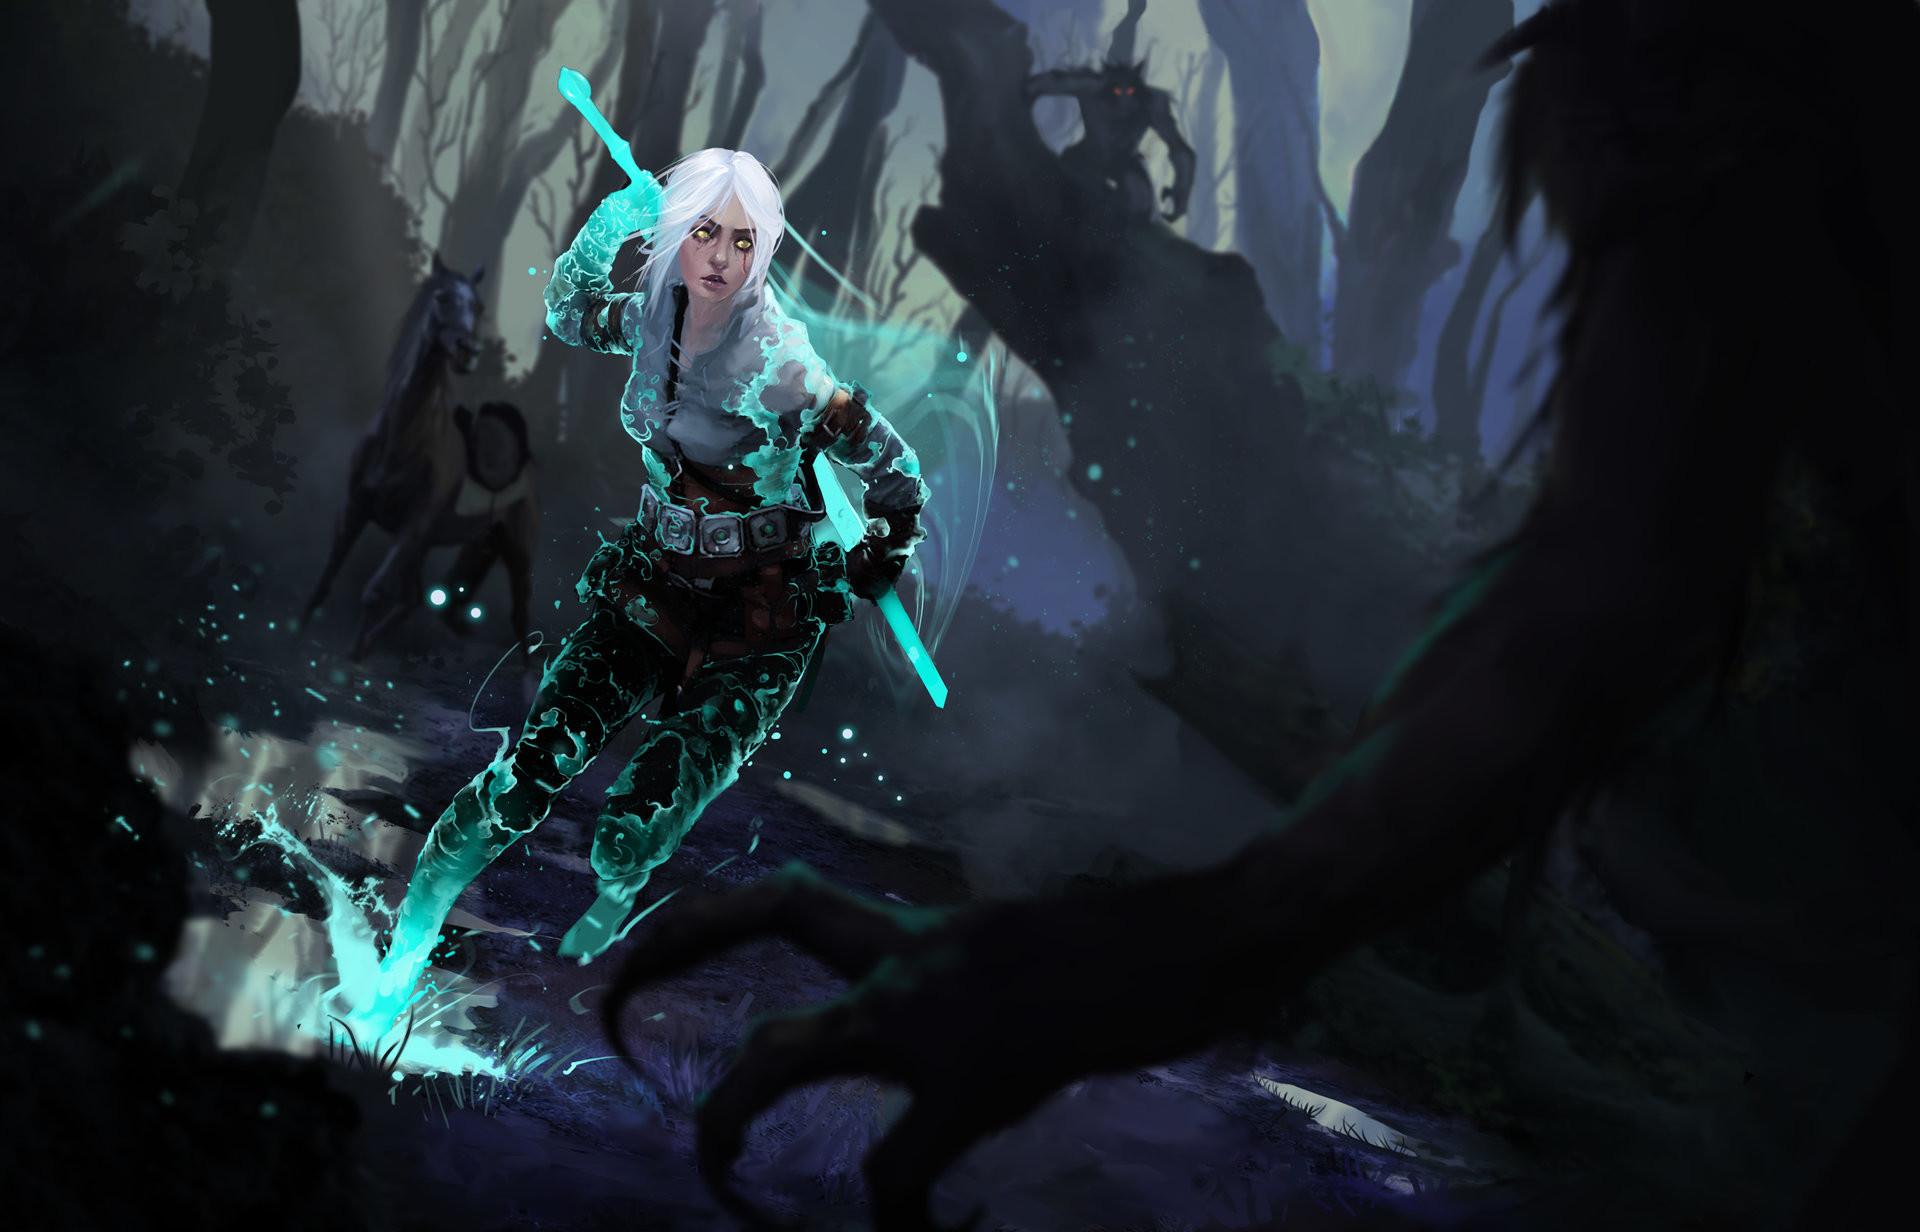 81 Witcher 3 1080p